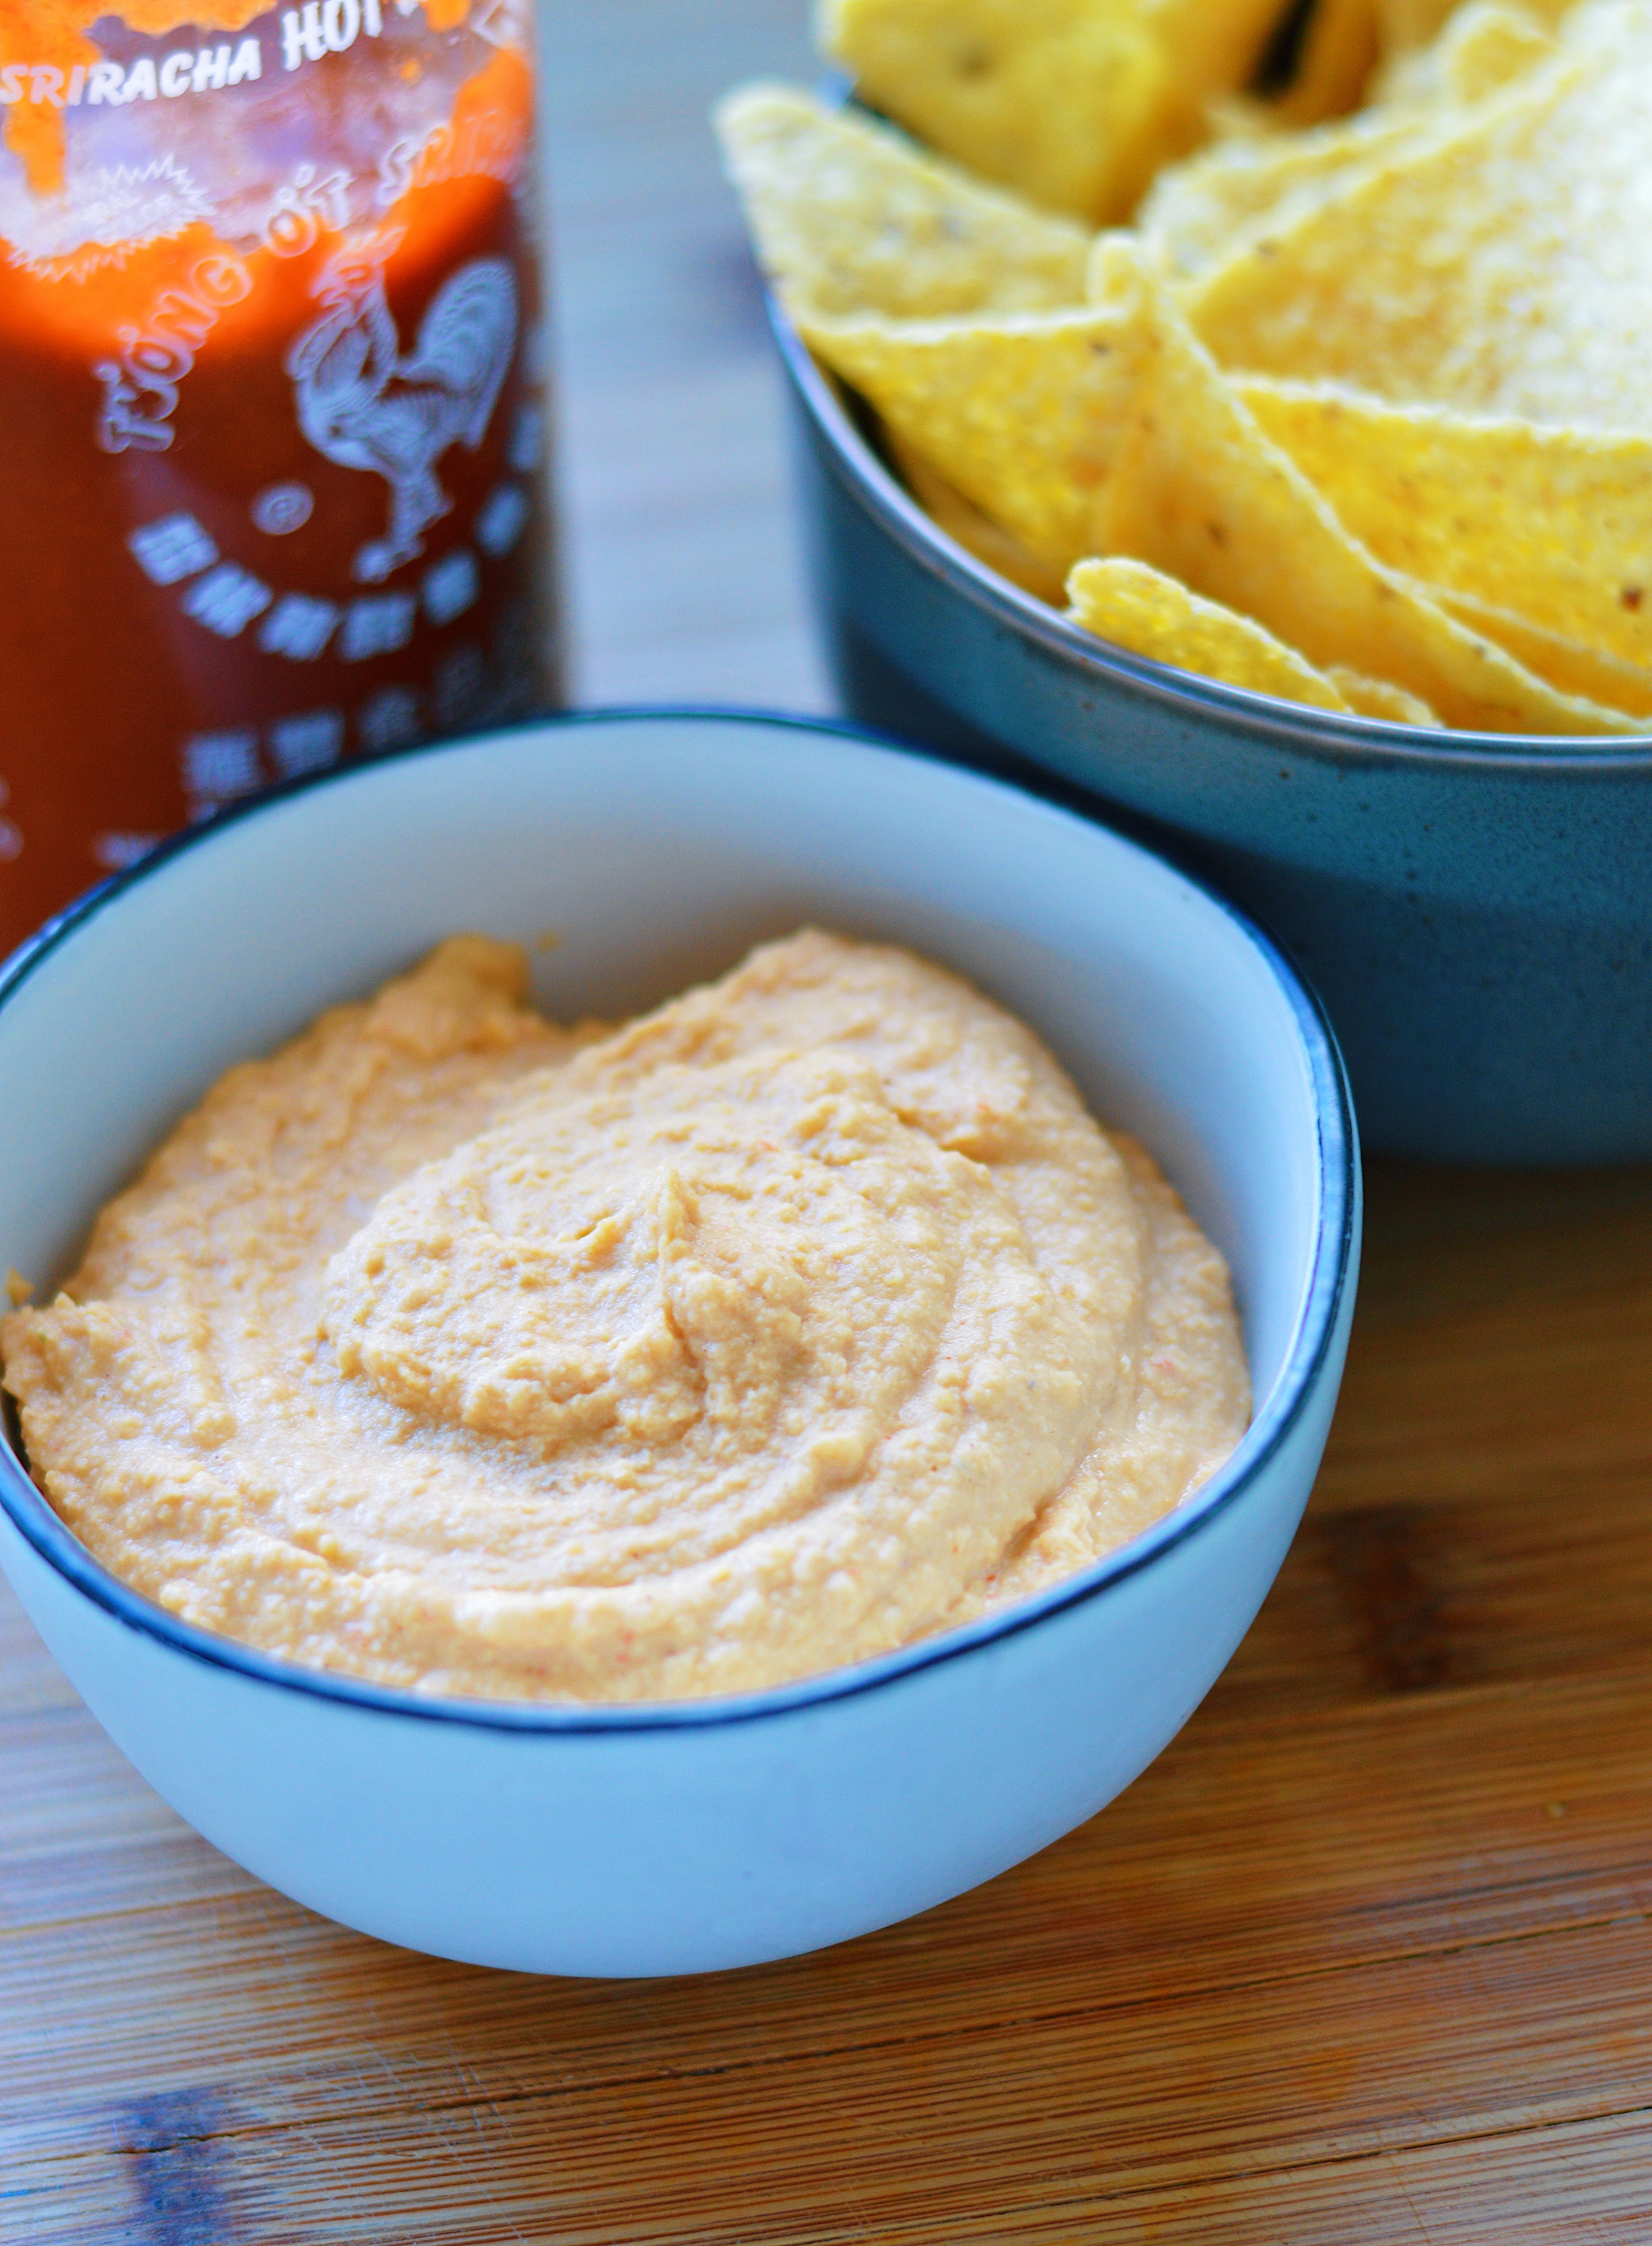 Instant Pot Sriracha Hummus instantloss.com